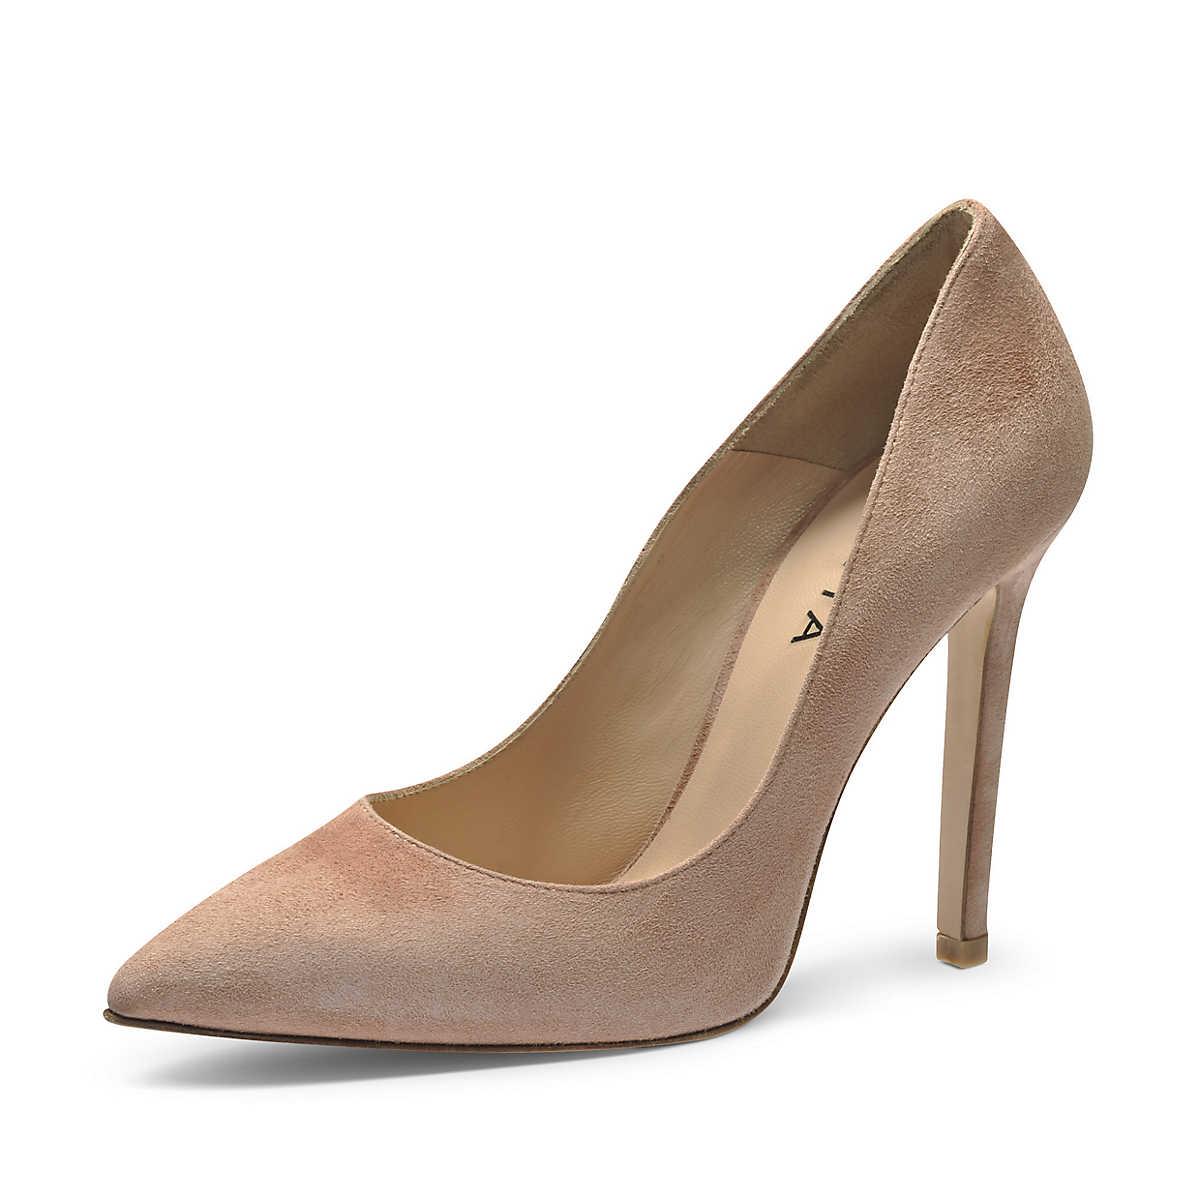 Evita Shoes Pumps rosa - Evita Shoes - Pumps - Schuhe - mirapodo.de